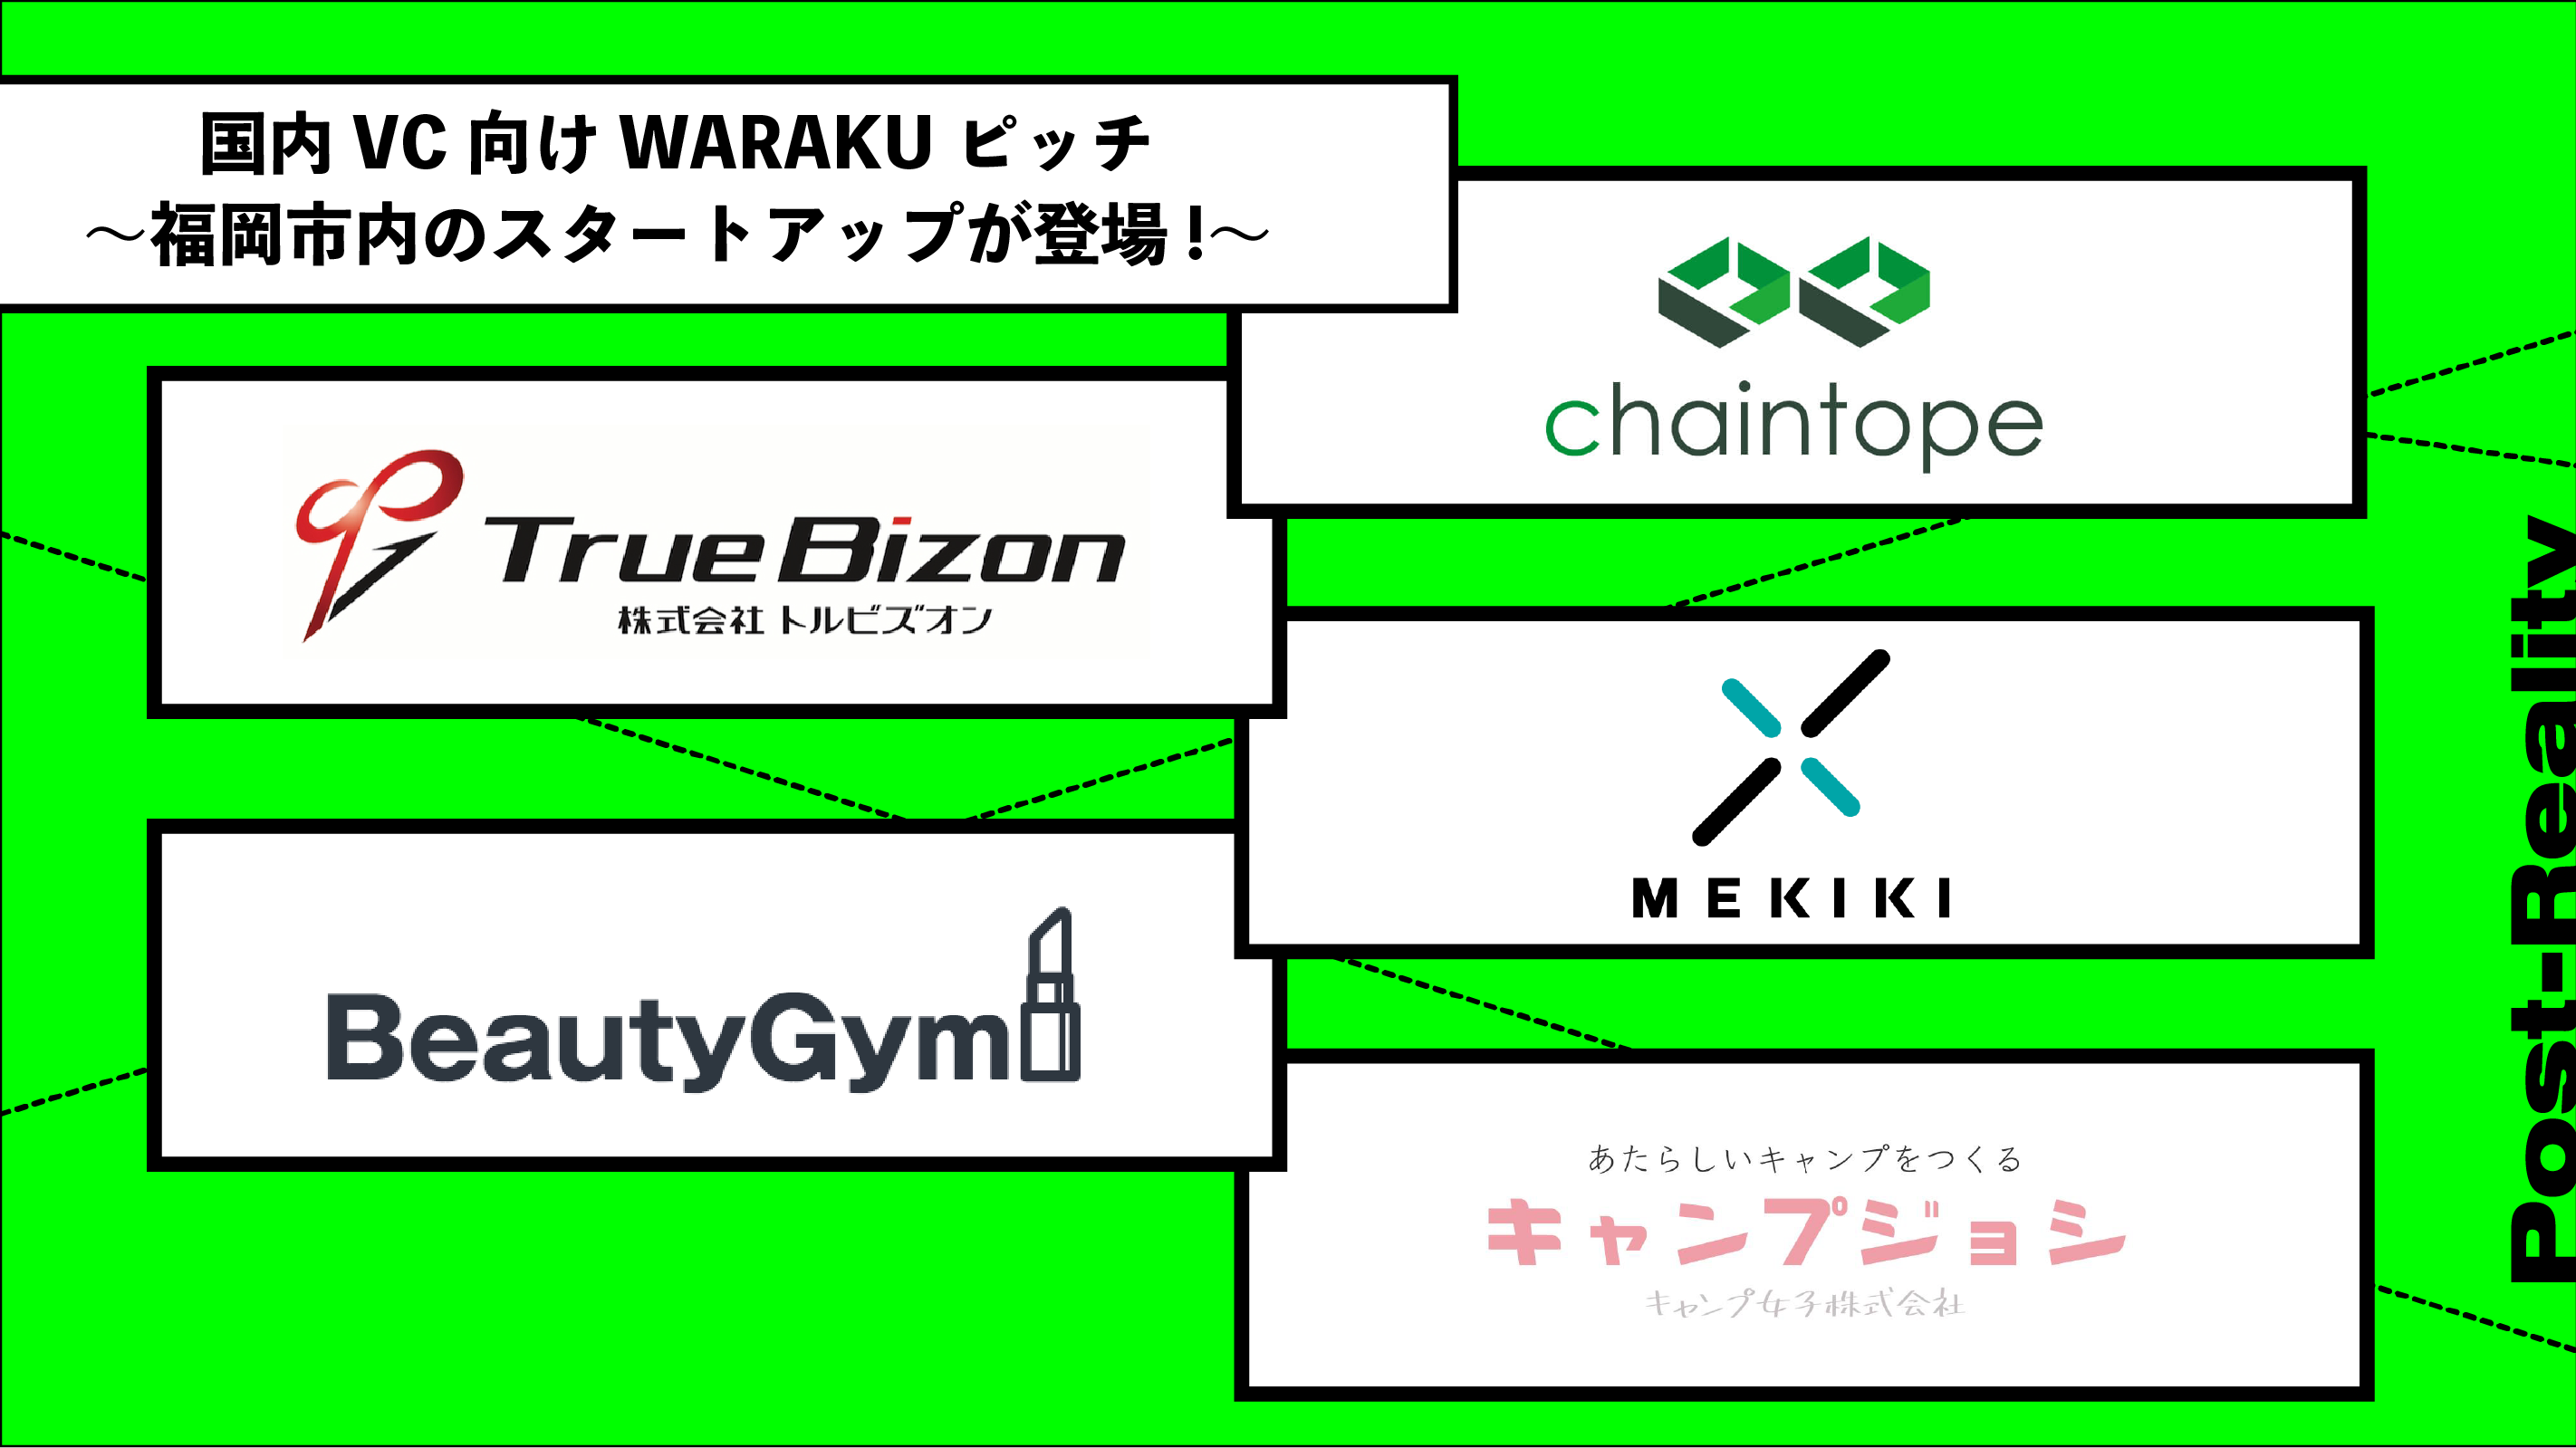 国内VC向けWARAKUピッチ〜福岡市内のスタートアップが登場!〜